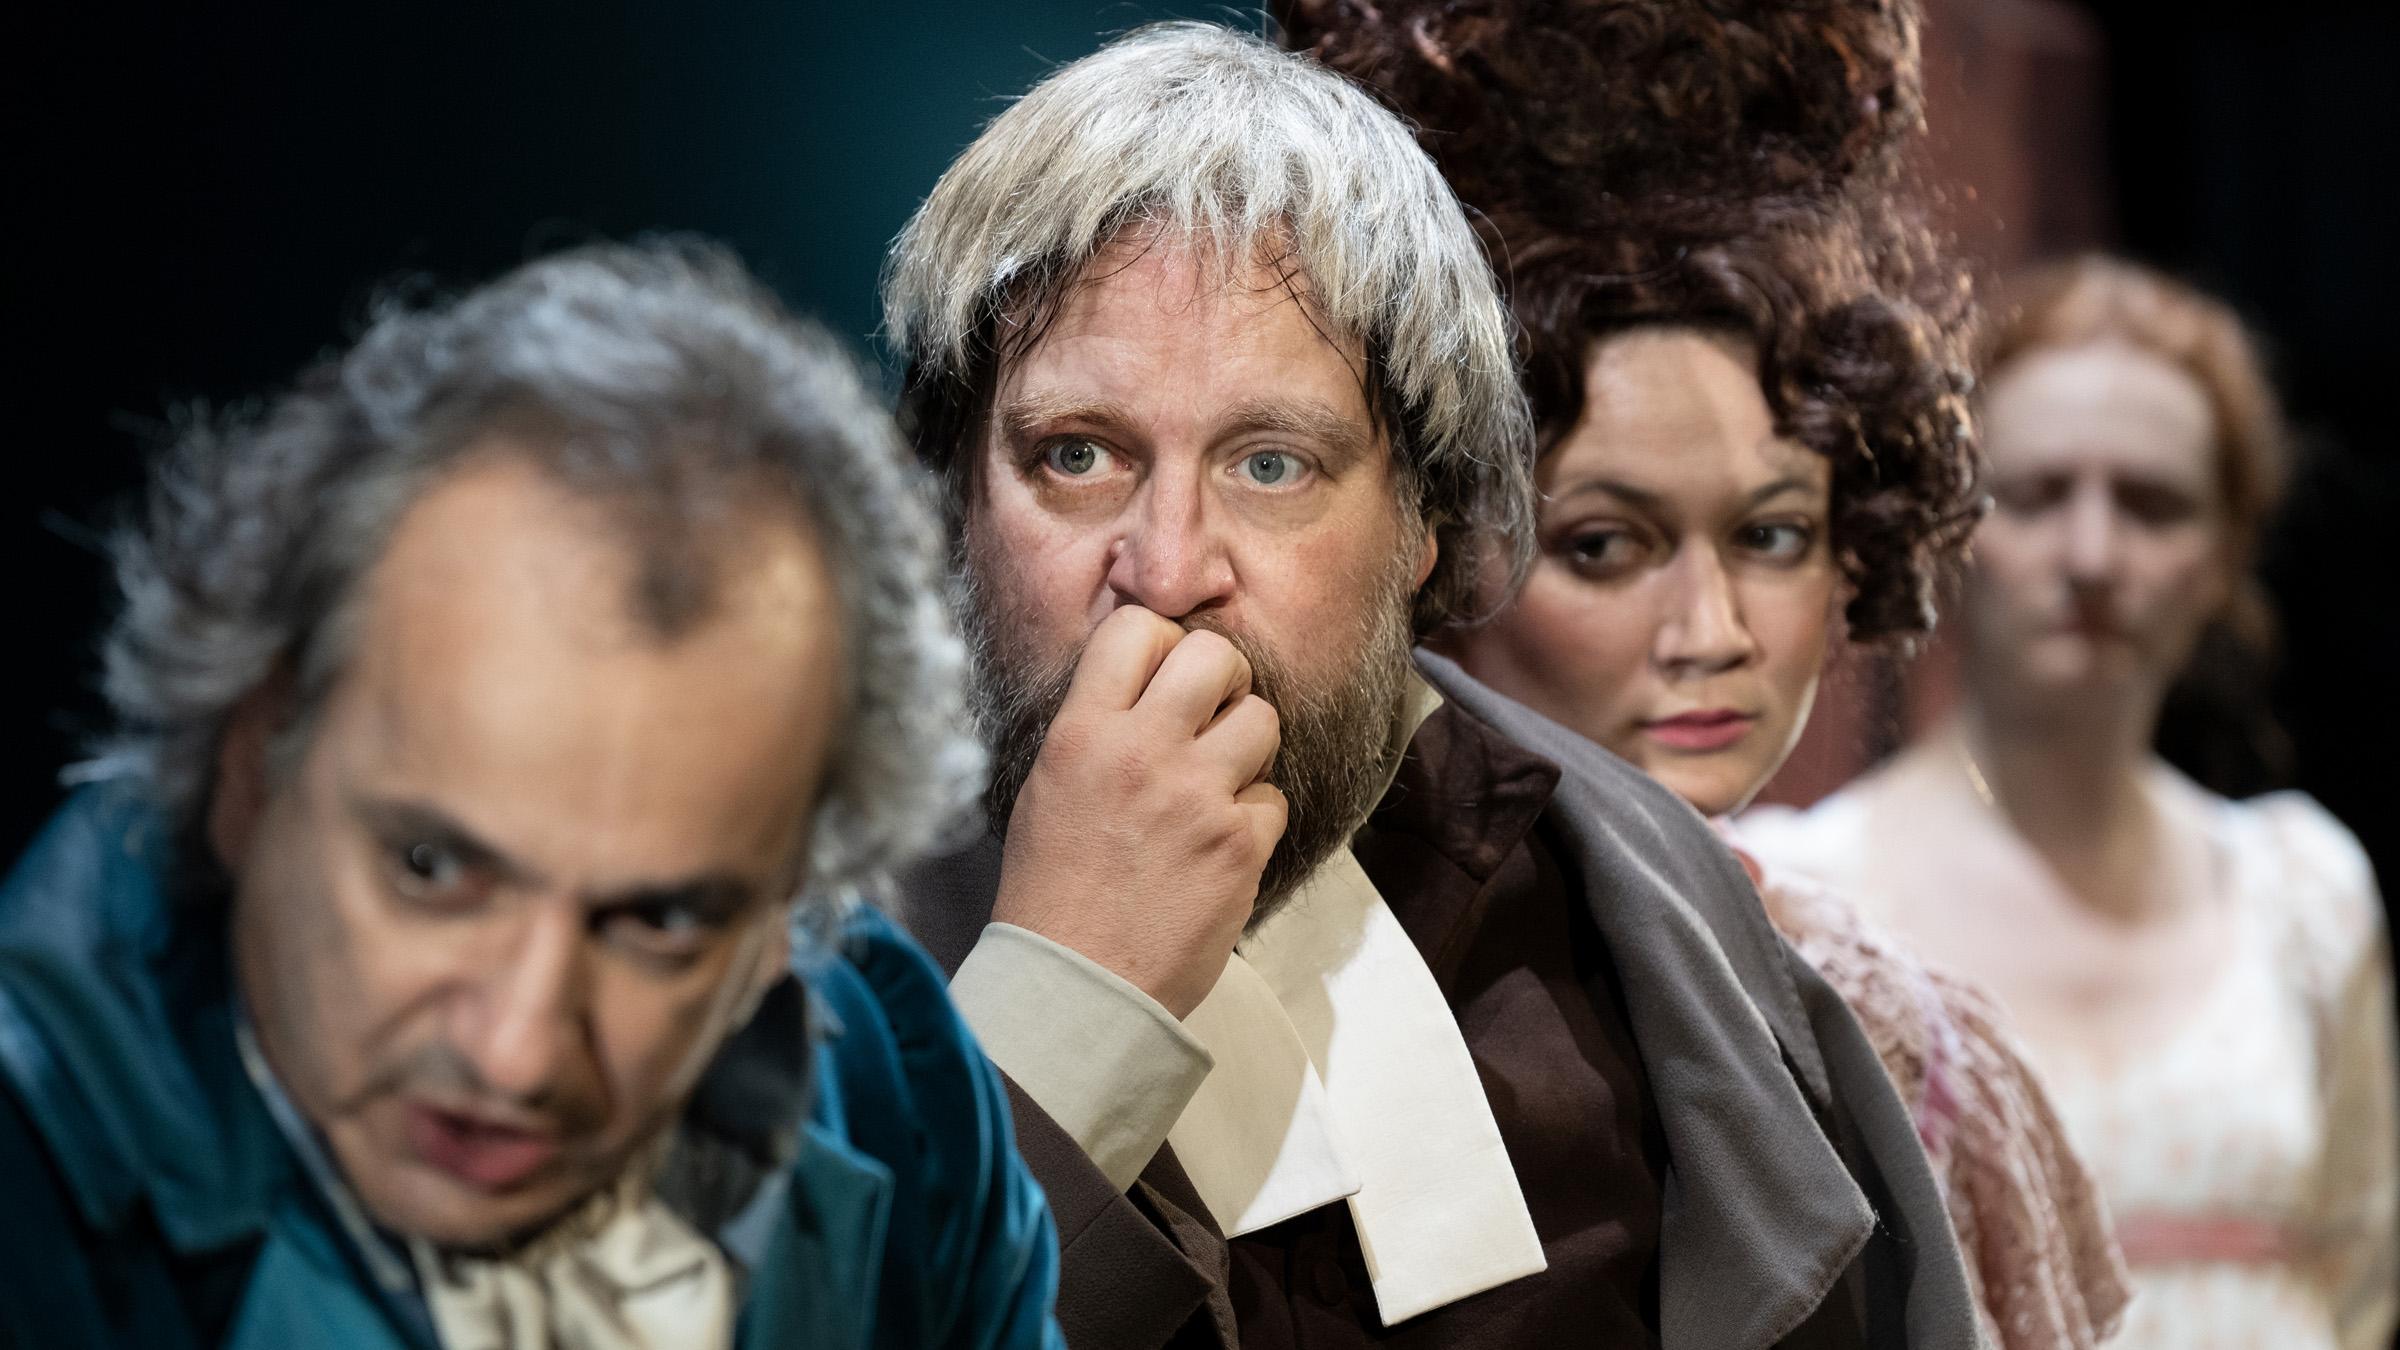 Orgoglio e pregiudizio al Mercadante di Napoli, la prima versione teatrale italiana del capolavoro di Jane Austen